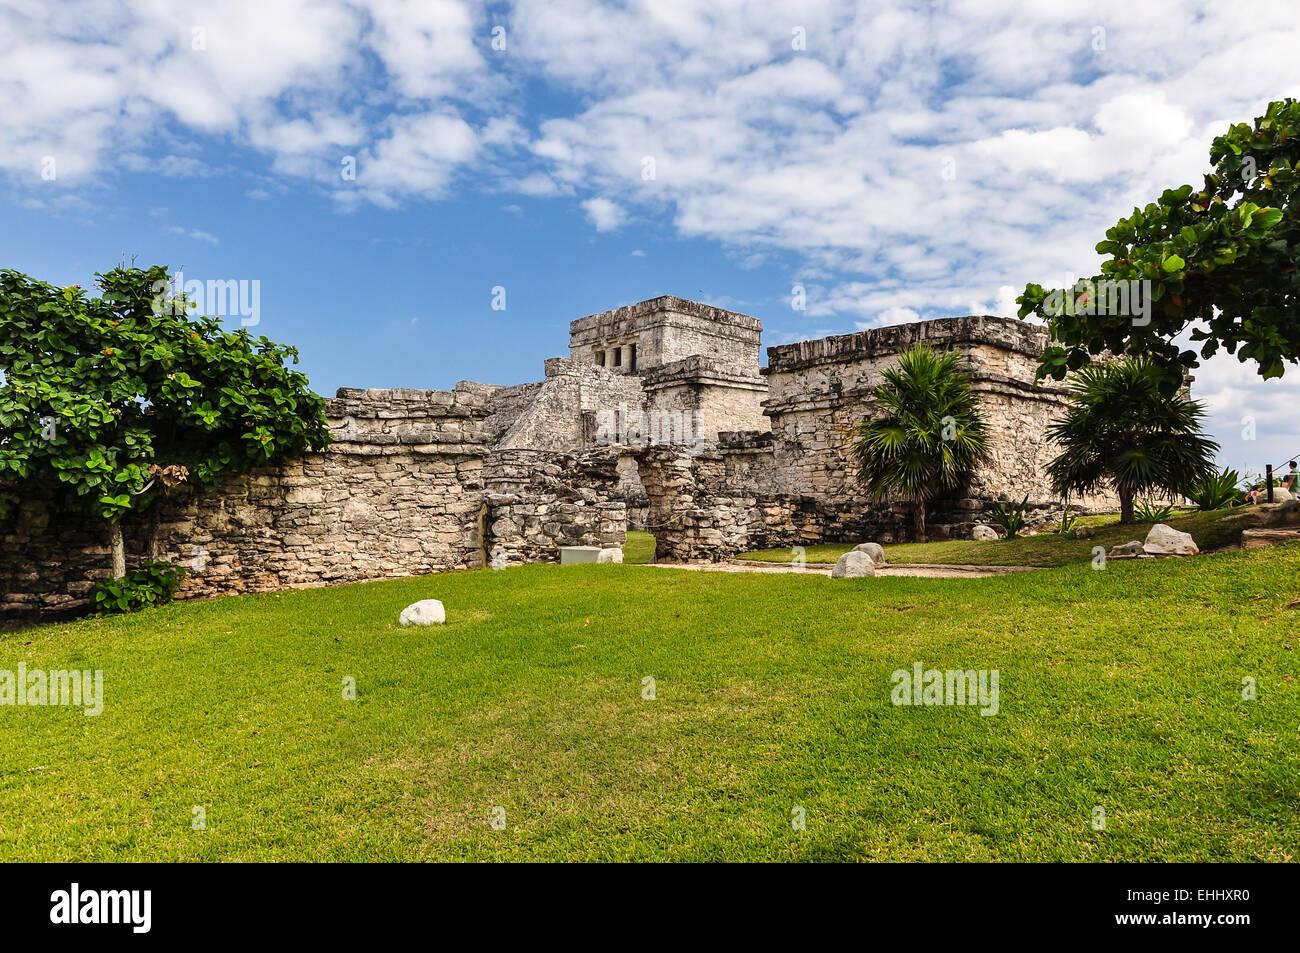 Mayan Ruin - Chichen Itza Mexico Stock Photo